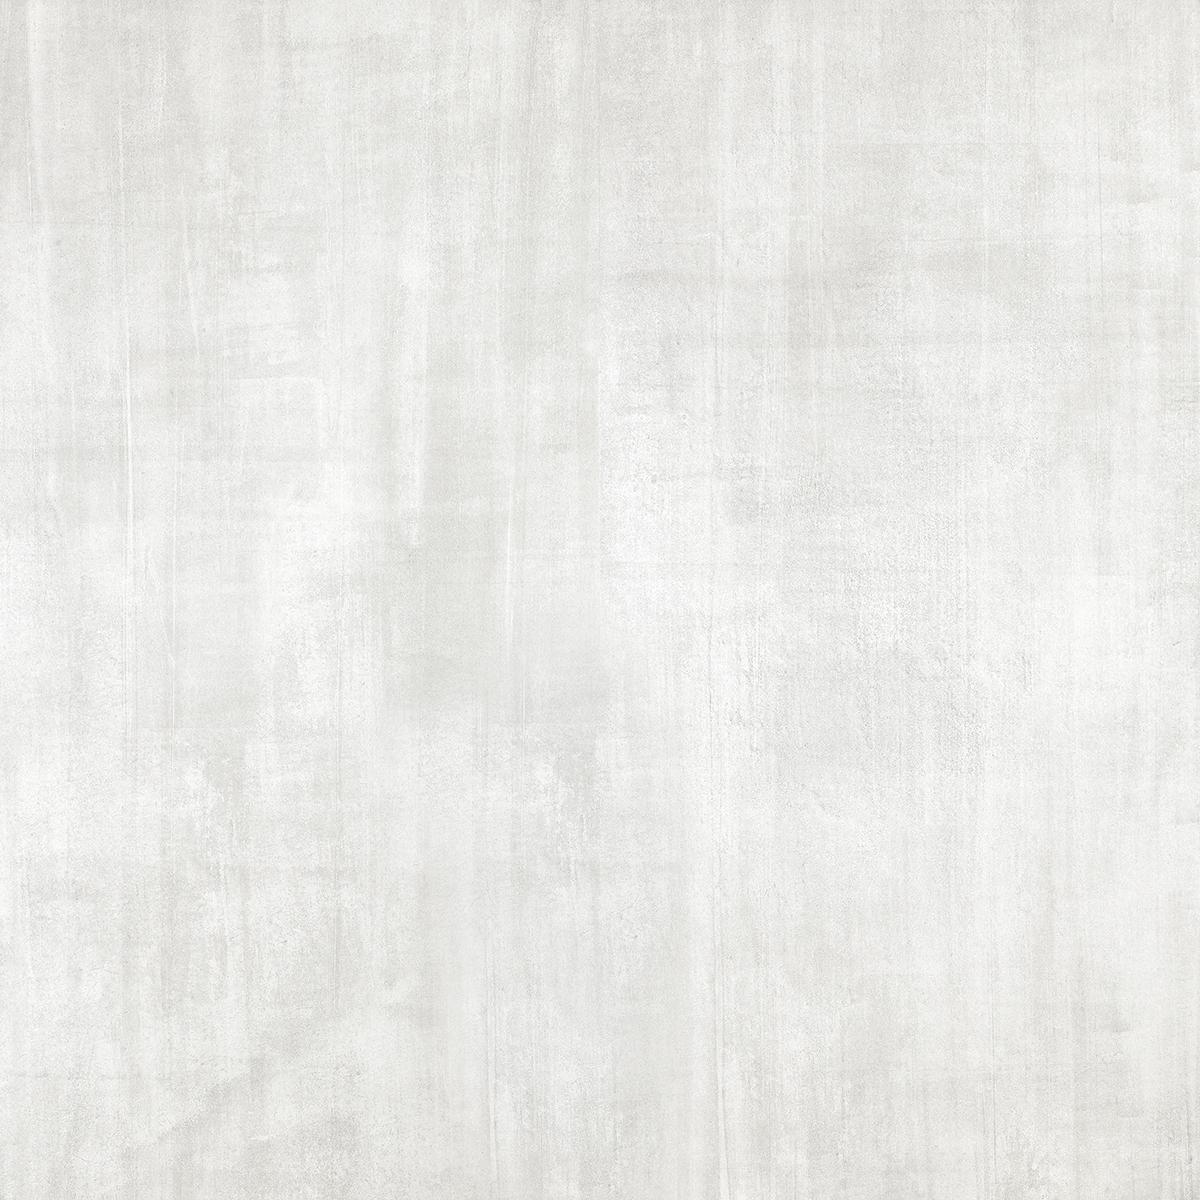 Delconca HFO Forma Gray